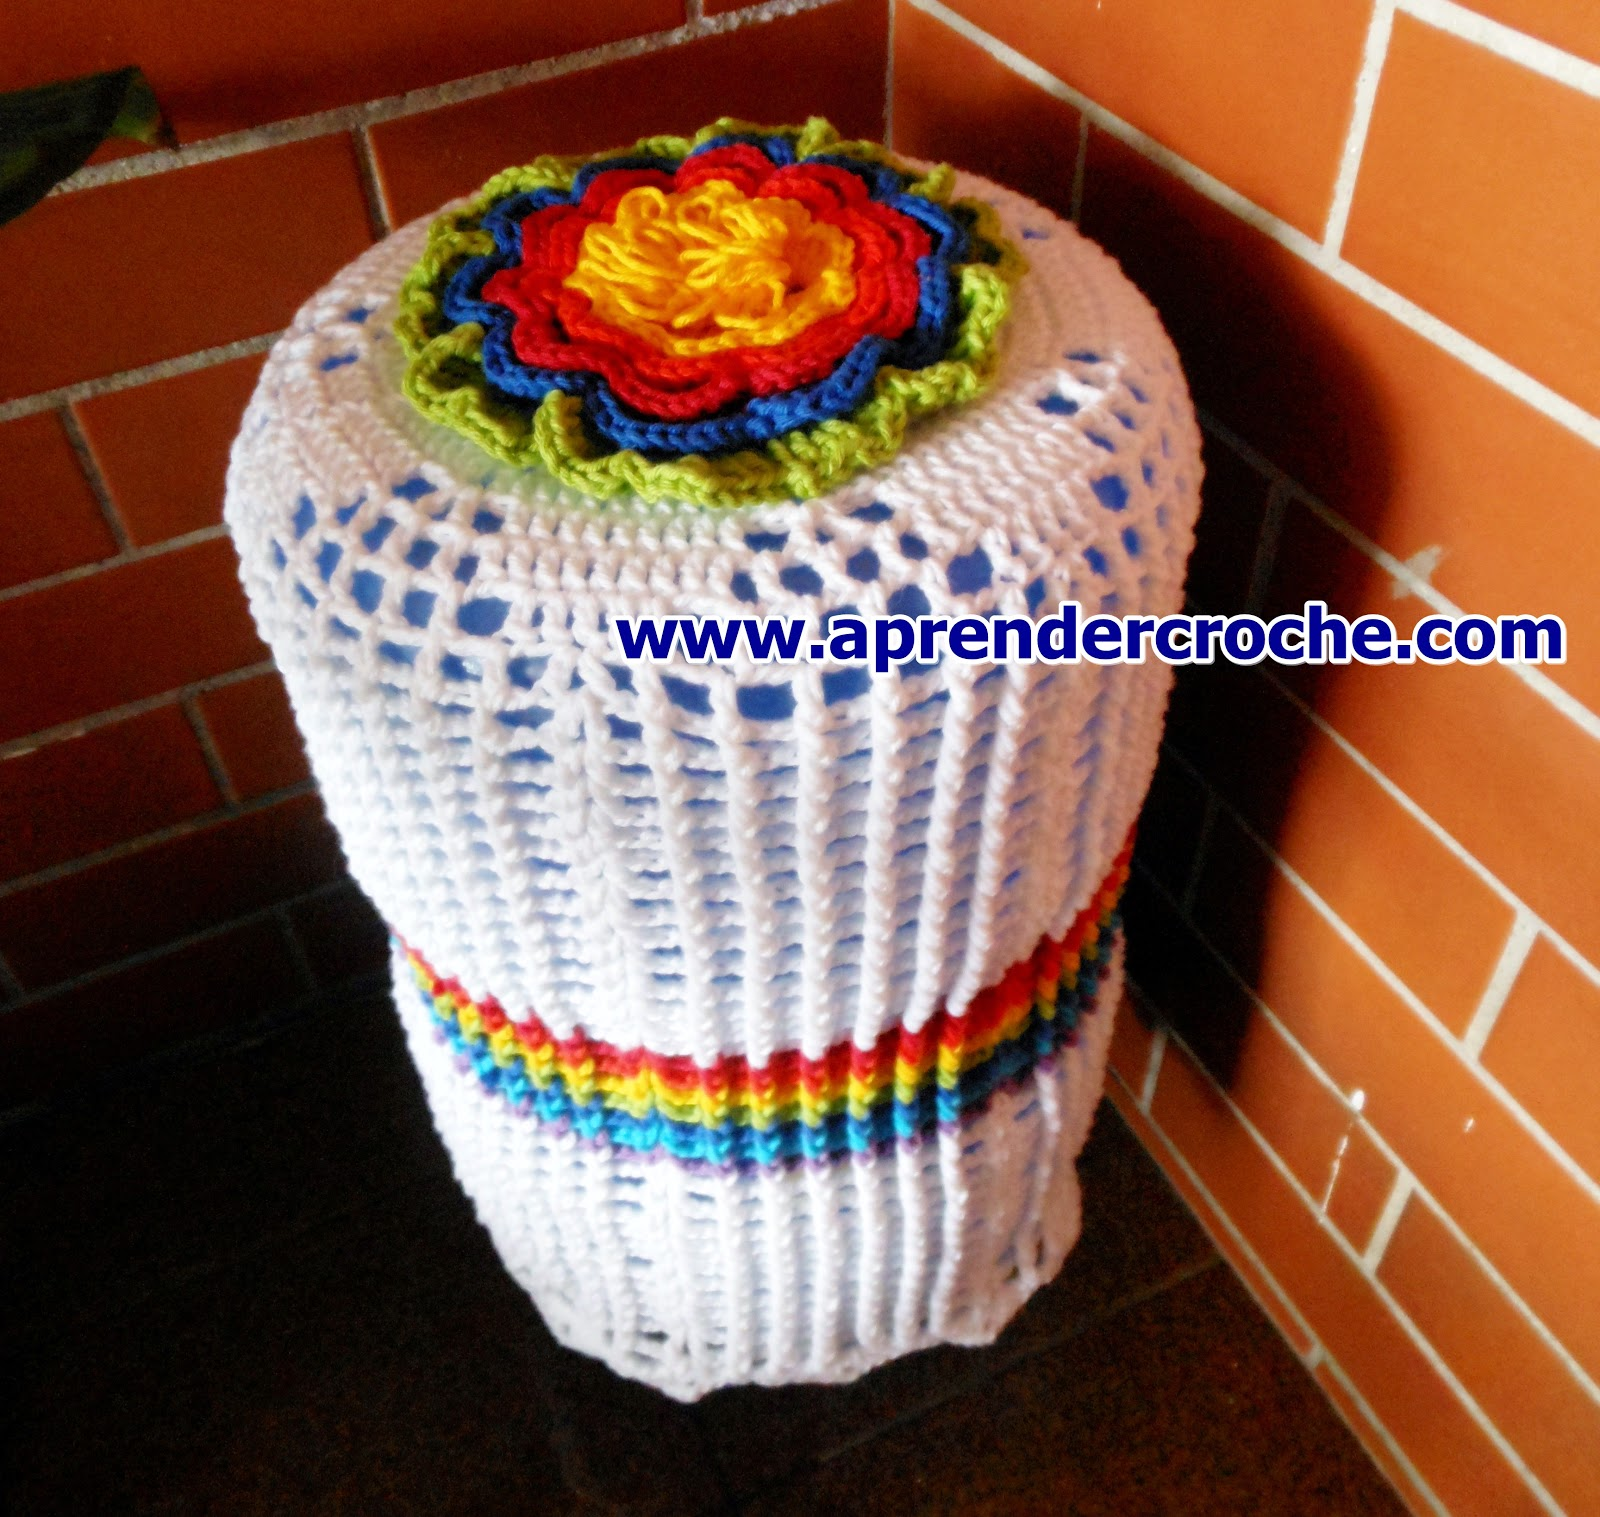 edinir croche ensina Como fazer essa linda capa de crochê para galão d'água com edinir croche